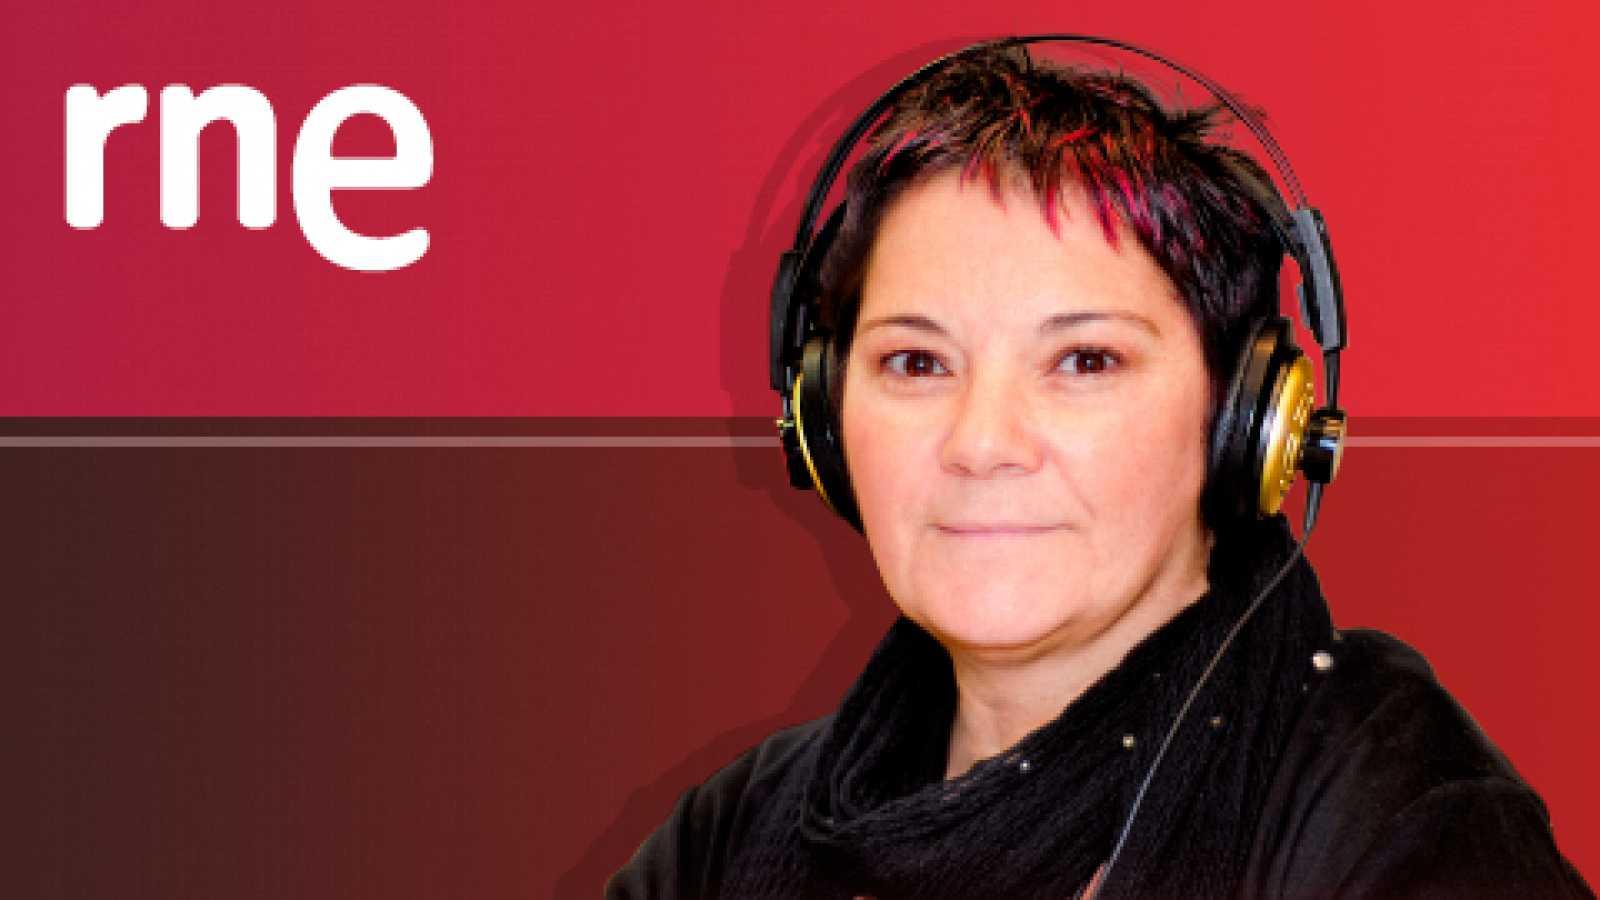 La noche en vela - 1ª Hora: Educar en casa - 09/01/13 - escuchar ahora